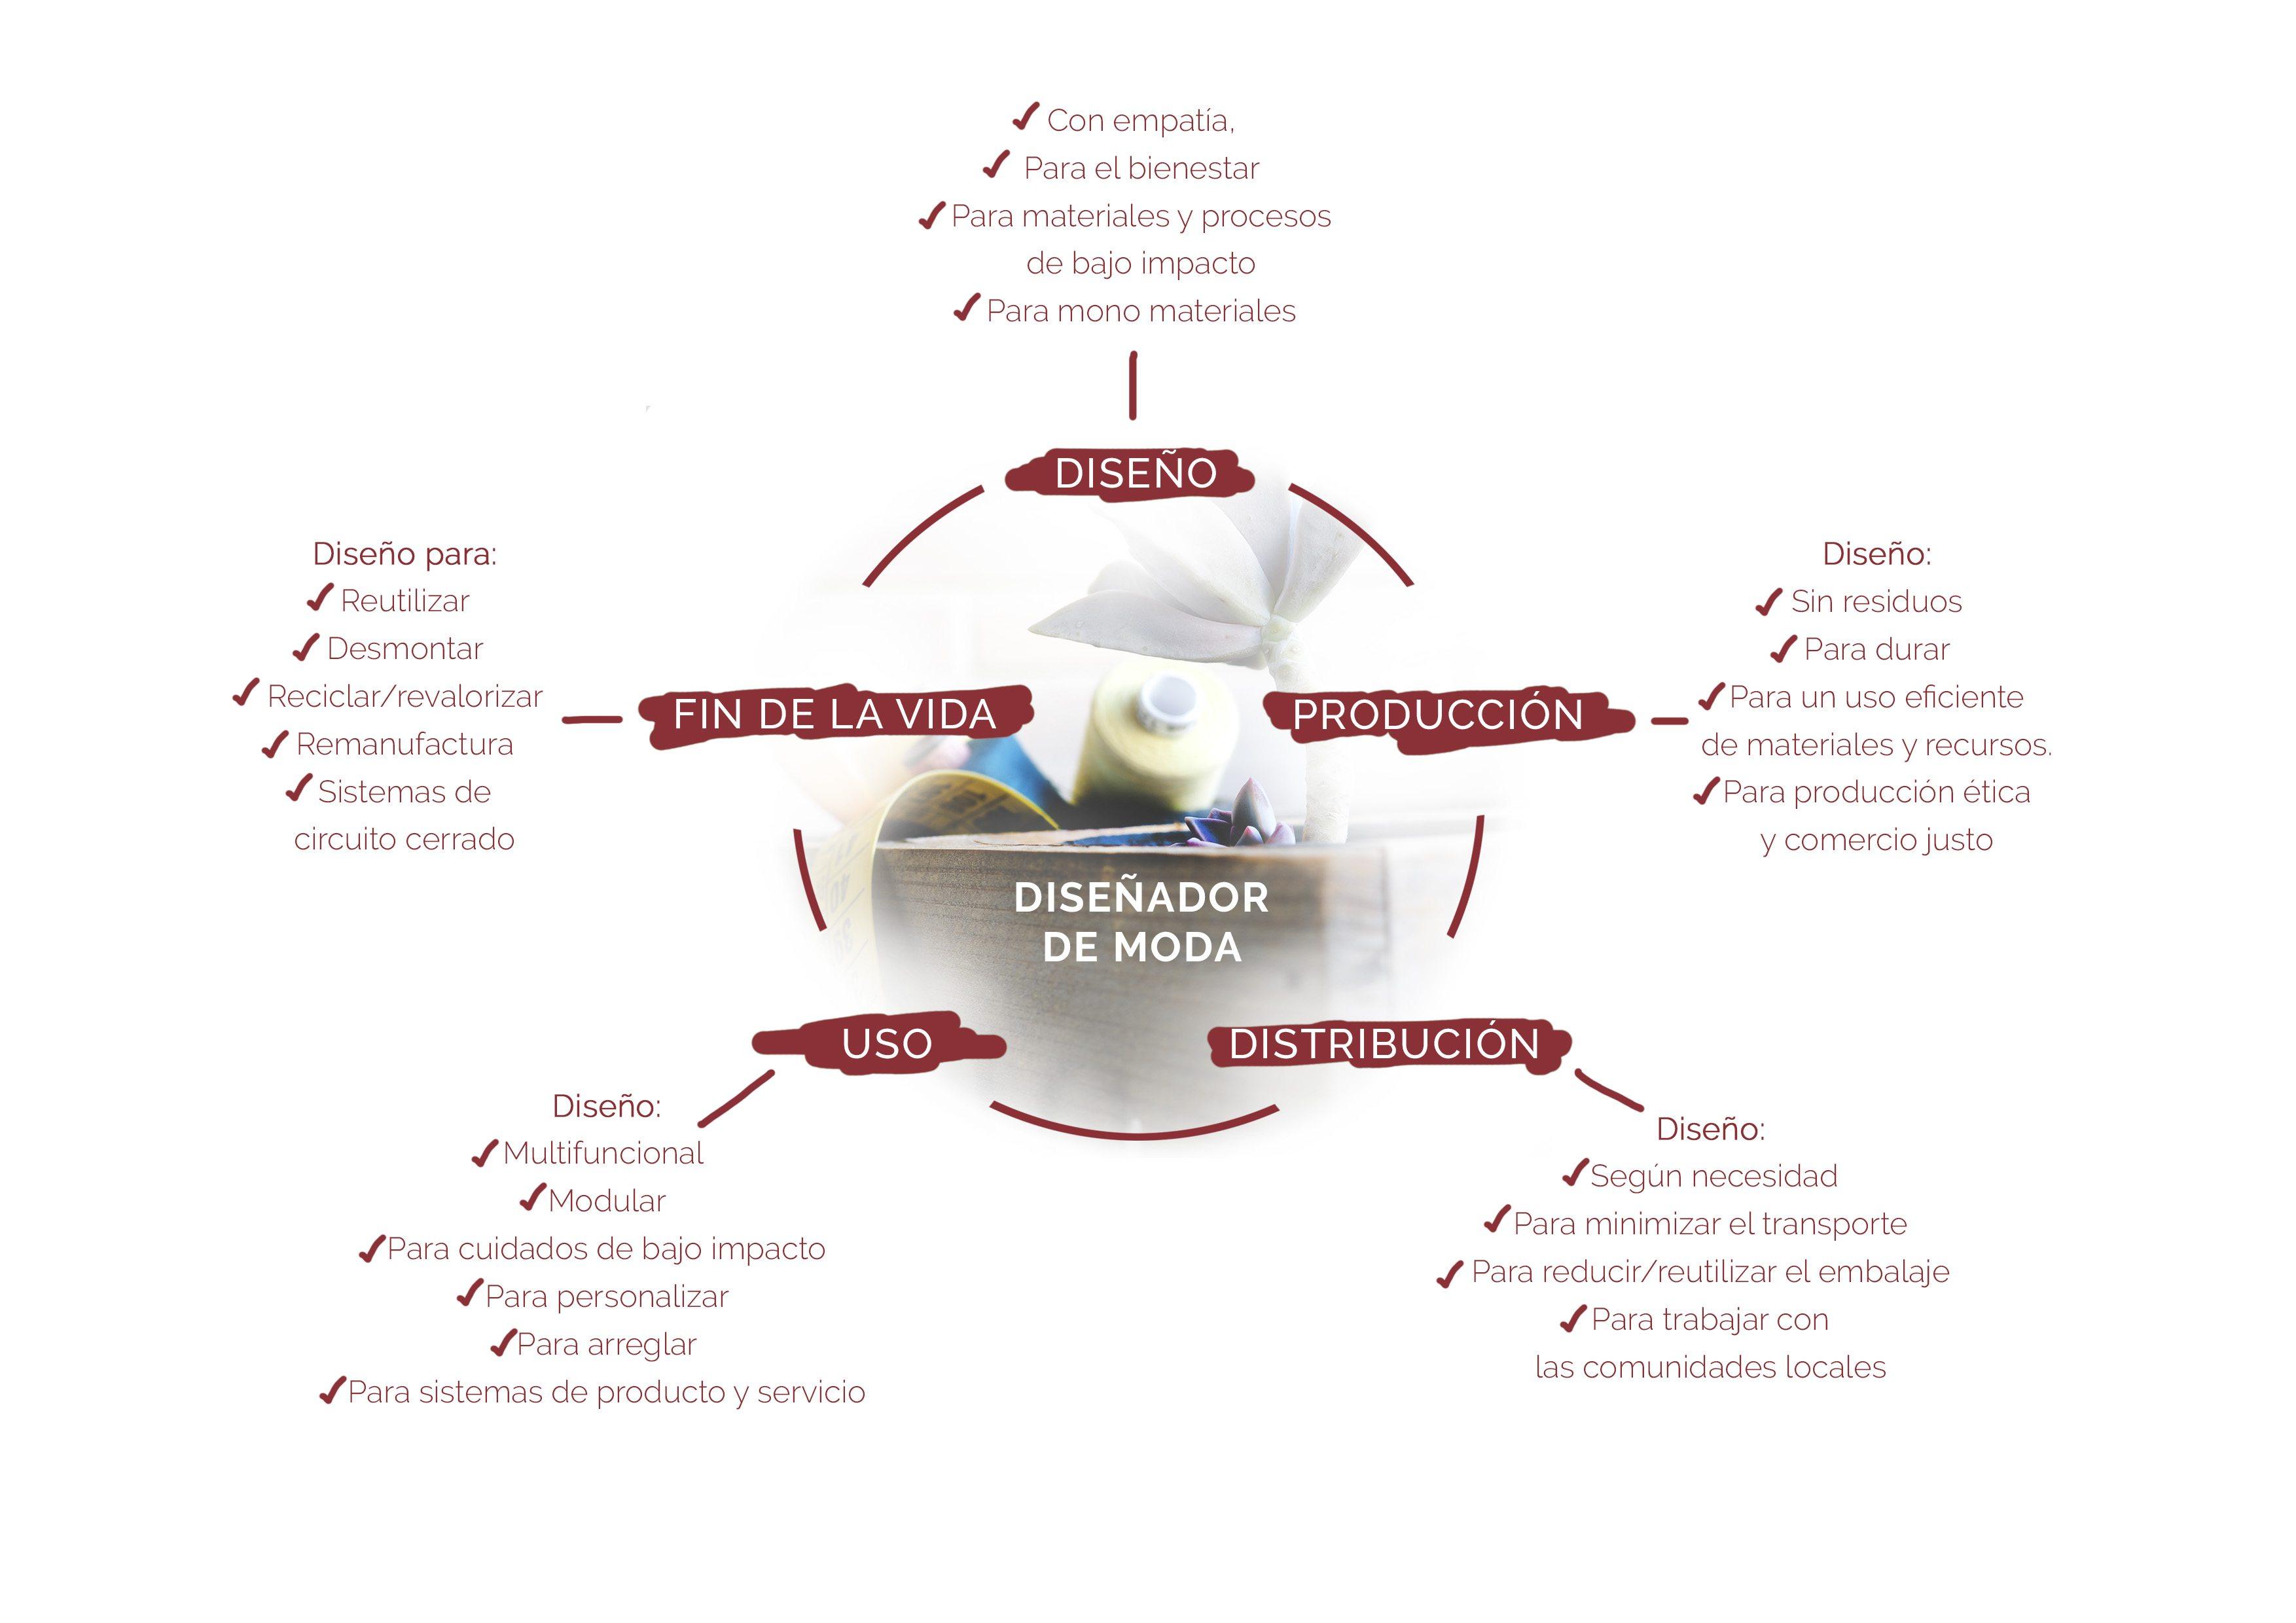 moda sostenible ciclo de vida